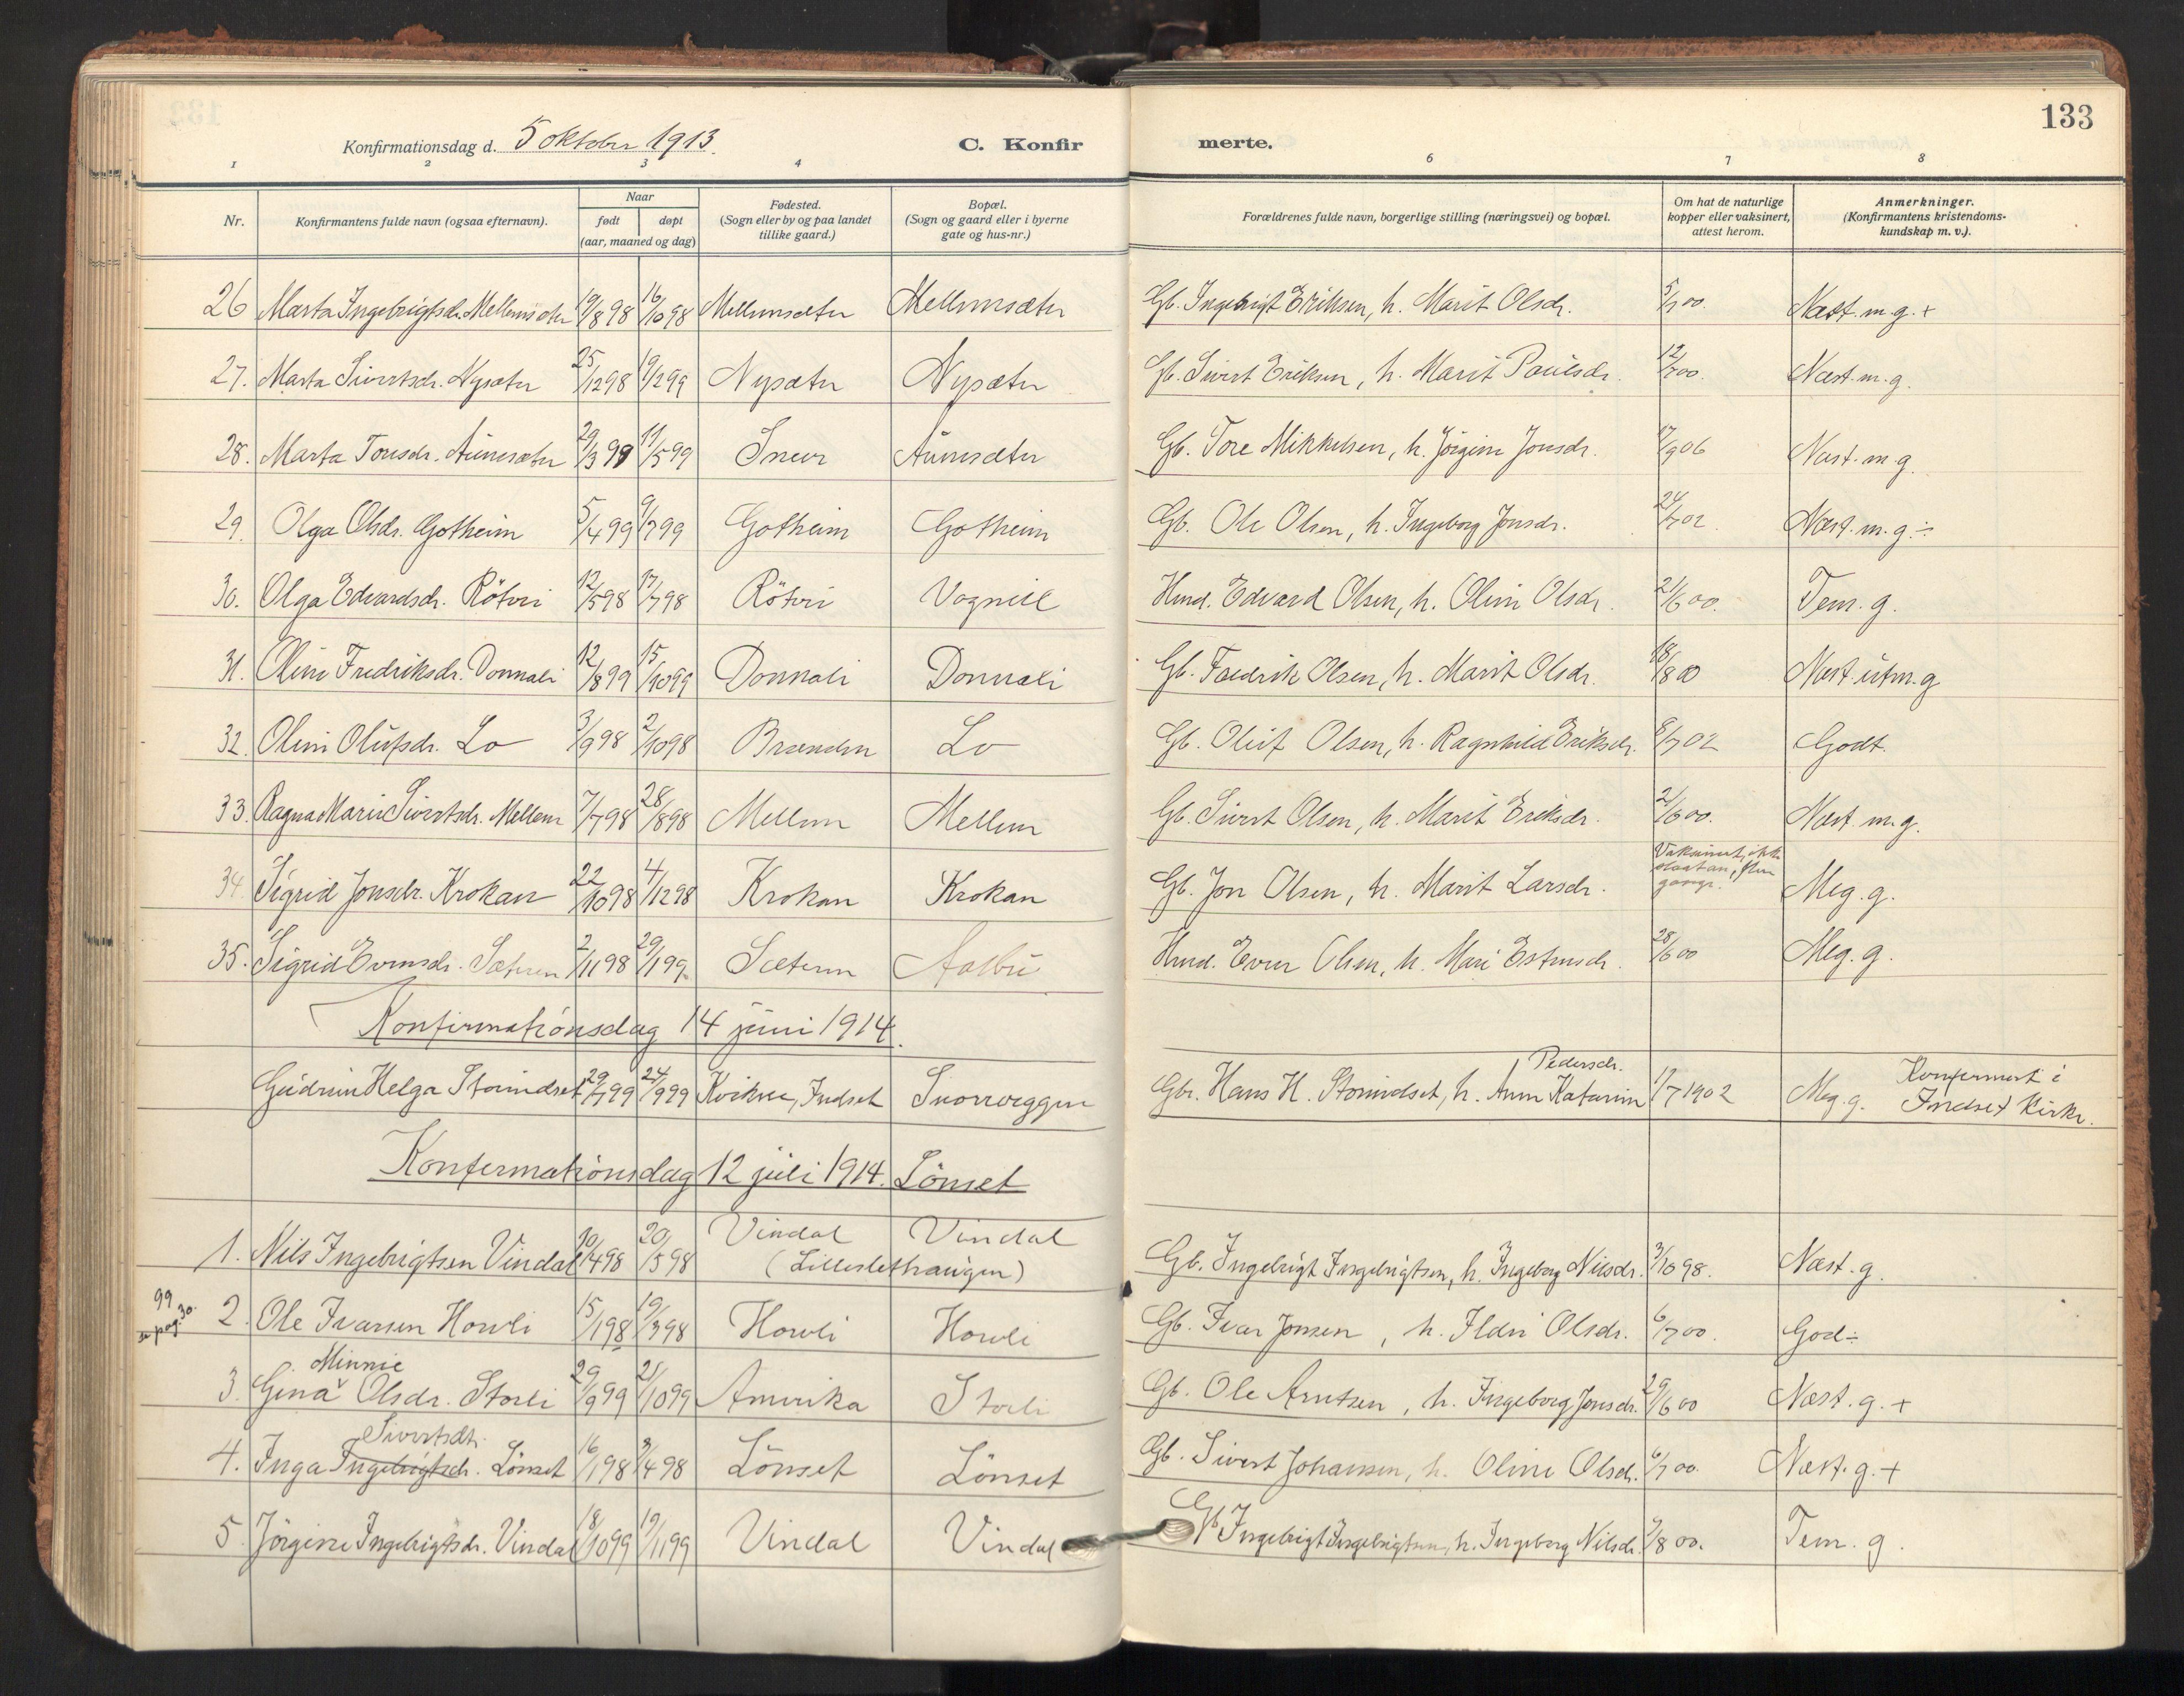 SAT, Ministerialprotokoller, klokkerbøker og fødselsregistre - Sør-Trøndelag, 678/L0909: Ministerialbok nr. 678A17, 1912-1930, s. 133